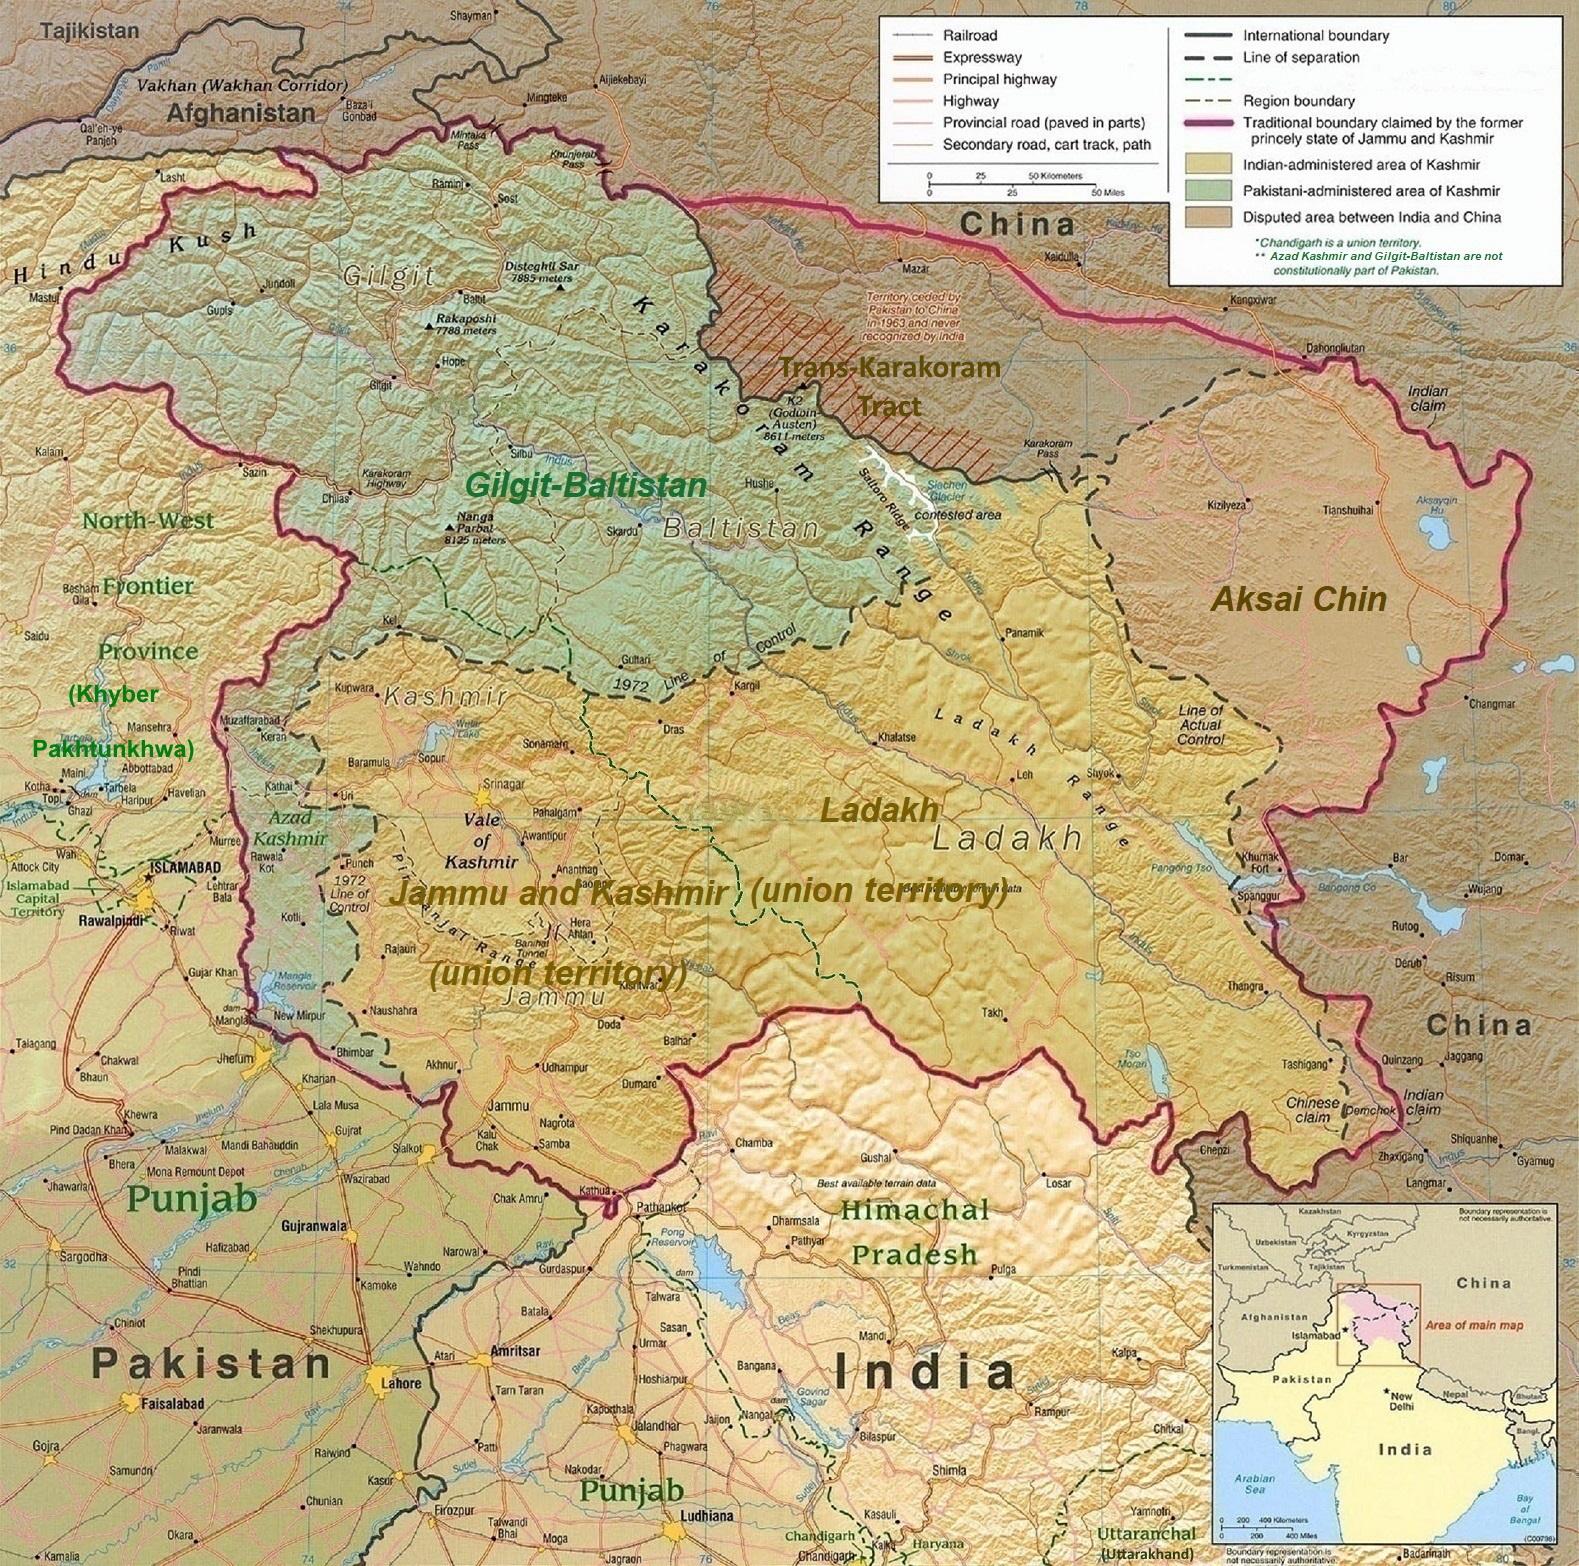 map of kashmir valley Kashmir Wikipedia map of kashmir valley